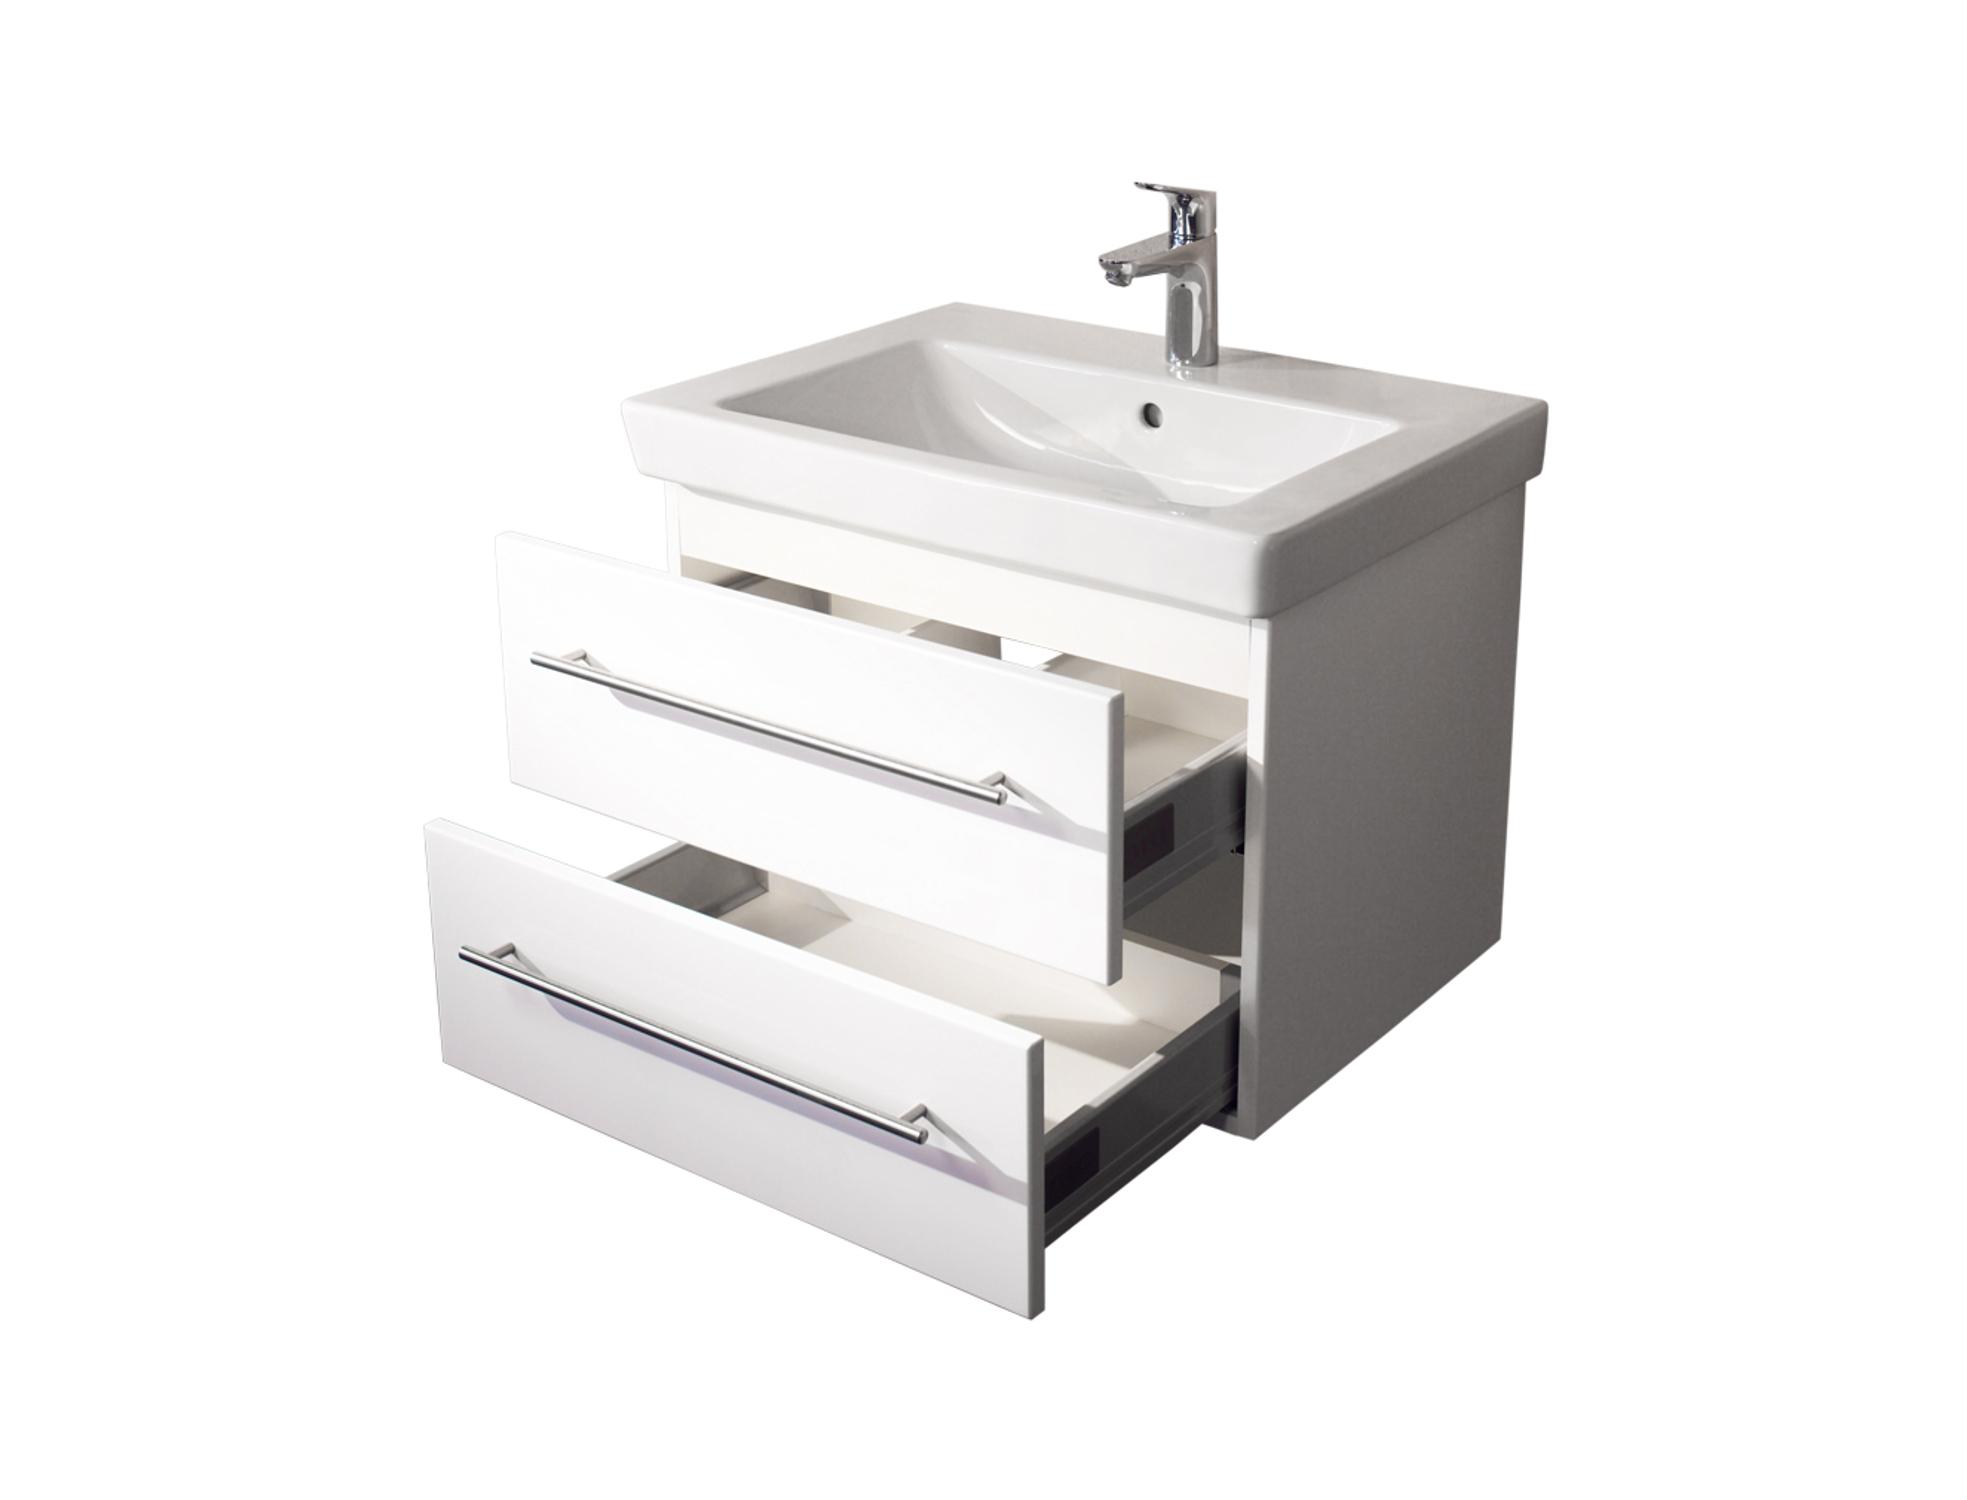 Villeroy & Boch Waschbecken mit Unterschrank Waschbeckenunterschrank ...